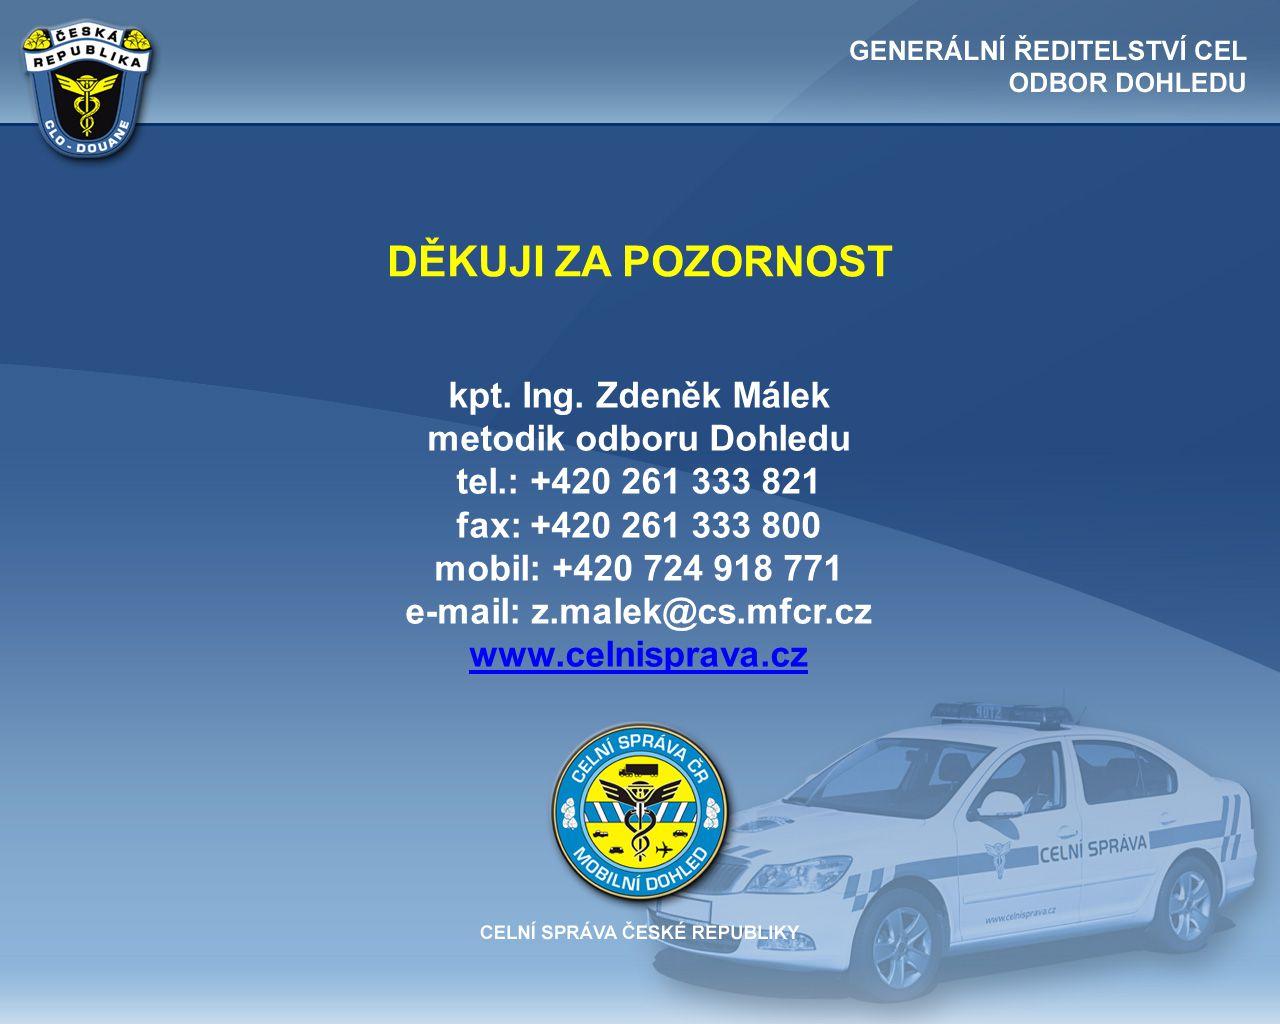 DĚKUJI ZA POZORNOST kpt. Ing. Zdeněk Málek metodik odboru Dohledu tel.: +420 261 333 821 fax: +420 261 333 800 mobil: +420 724 918 771 e-mail: z.malek